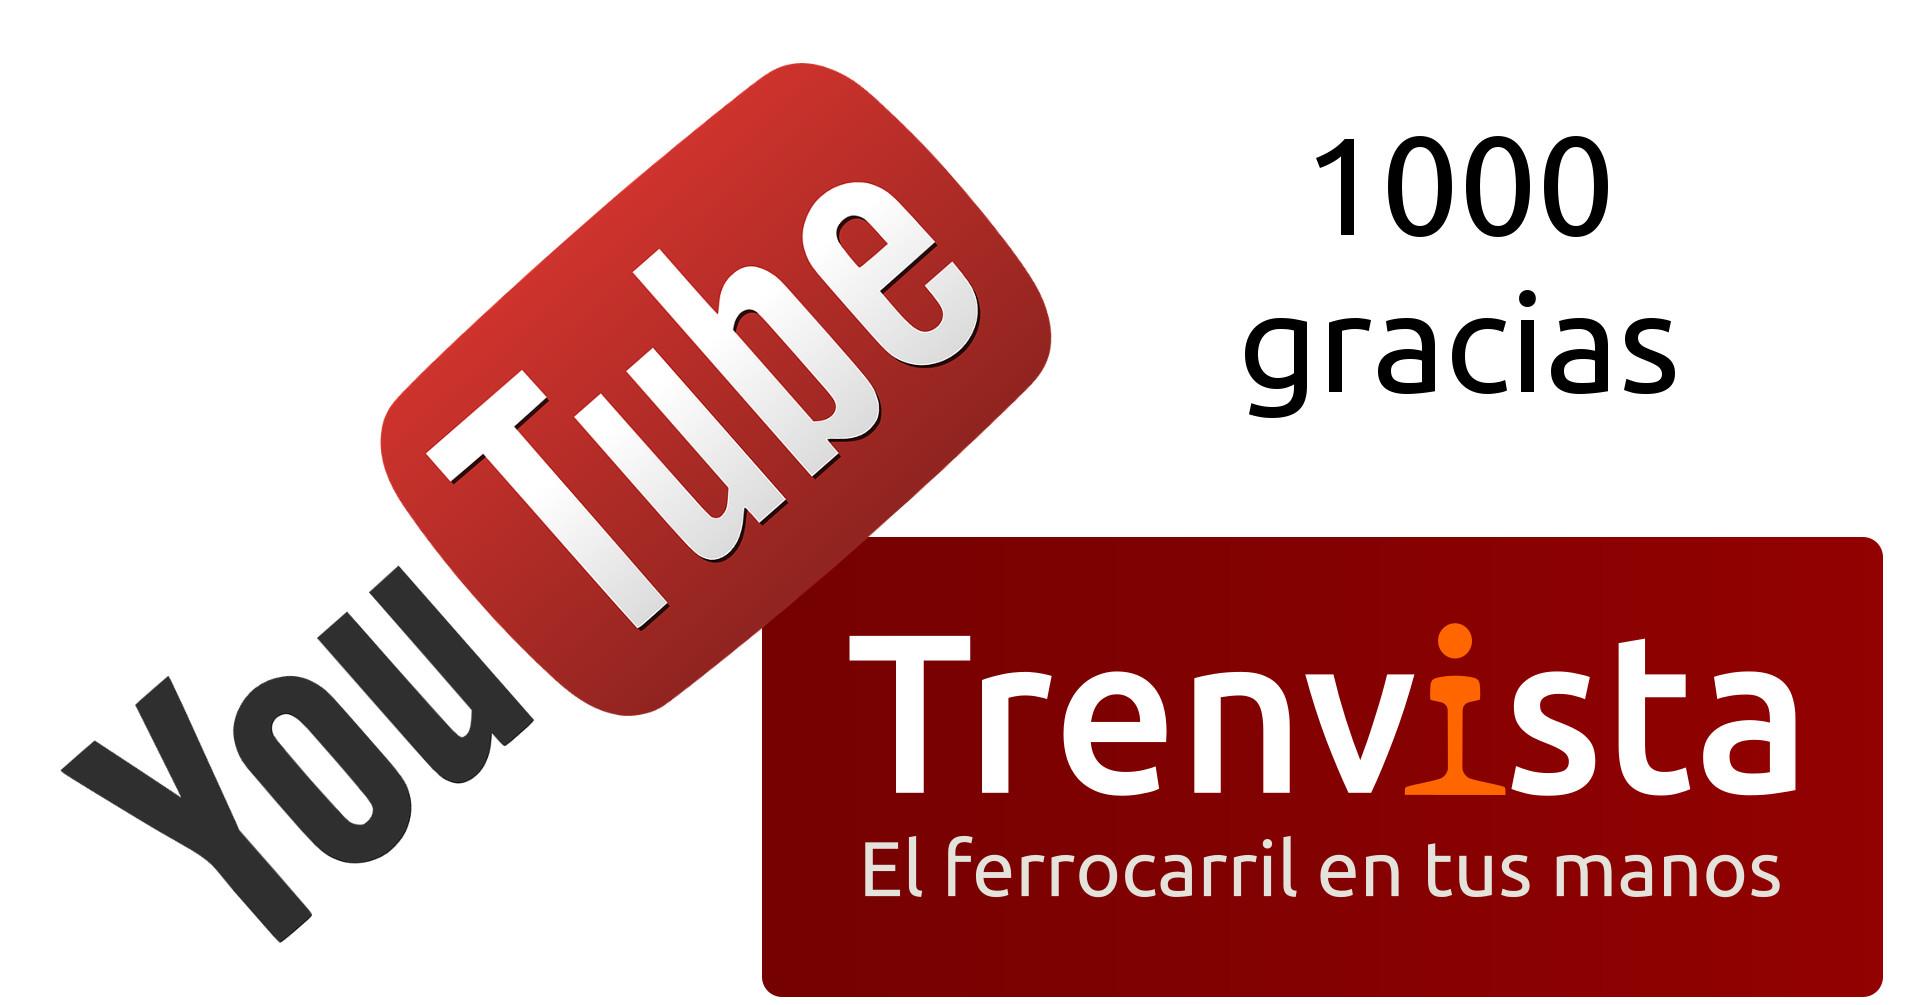 Trenvista supera los 1000 seguidores en YouTube